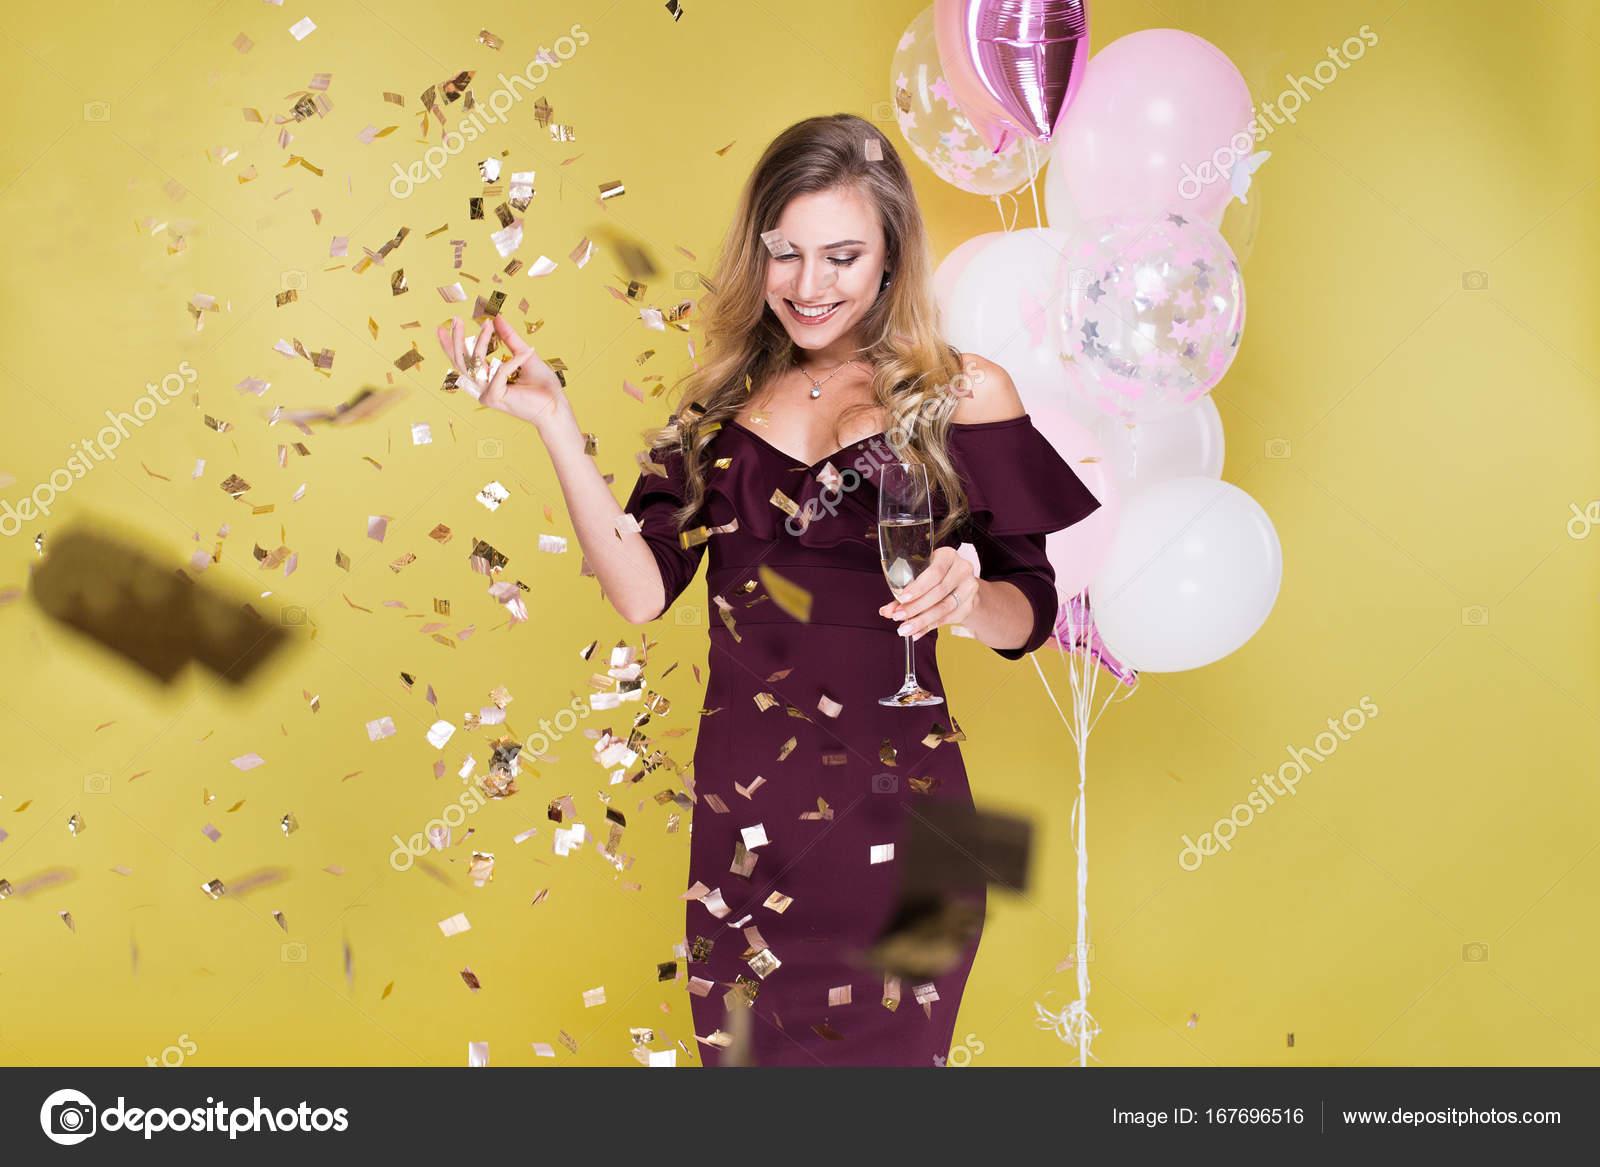 Attraktive Frau Feiern Geburtstag Und Tanzen Im Studio Auf Gelbem